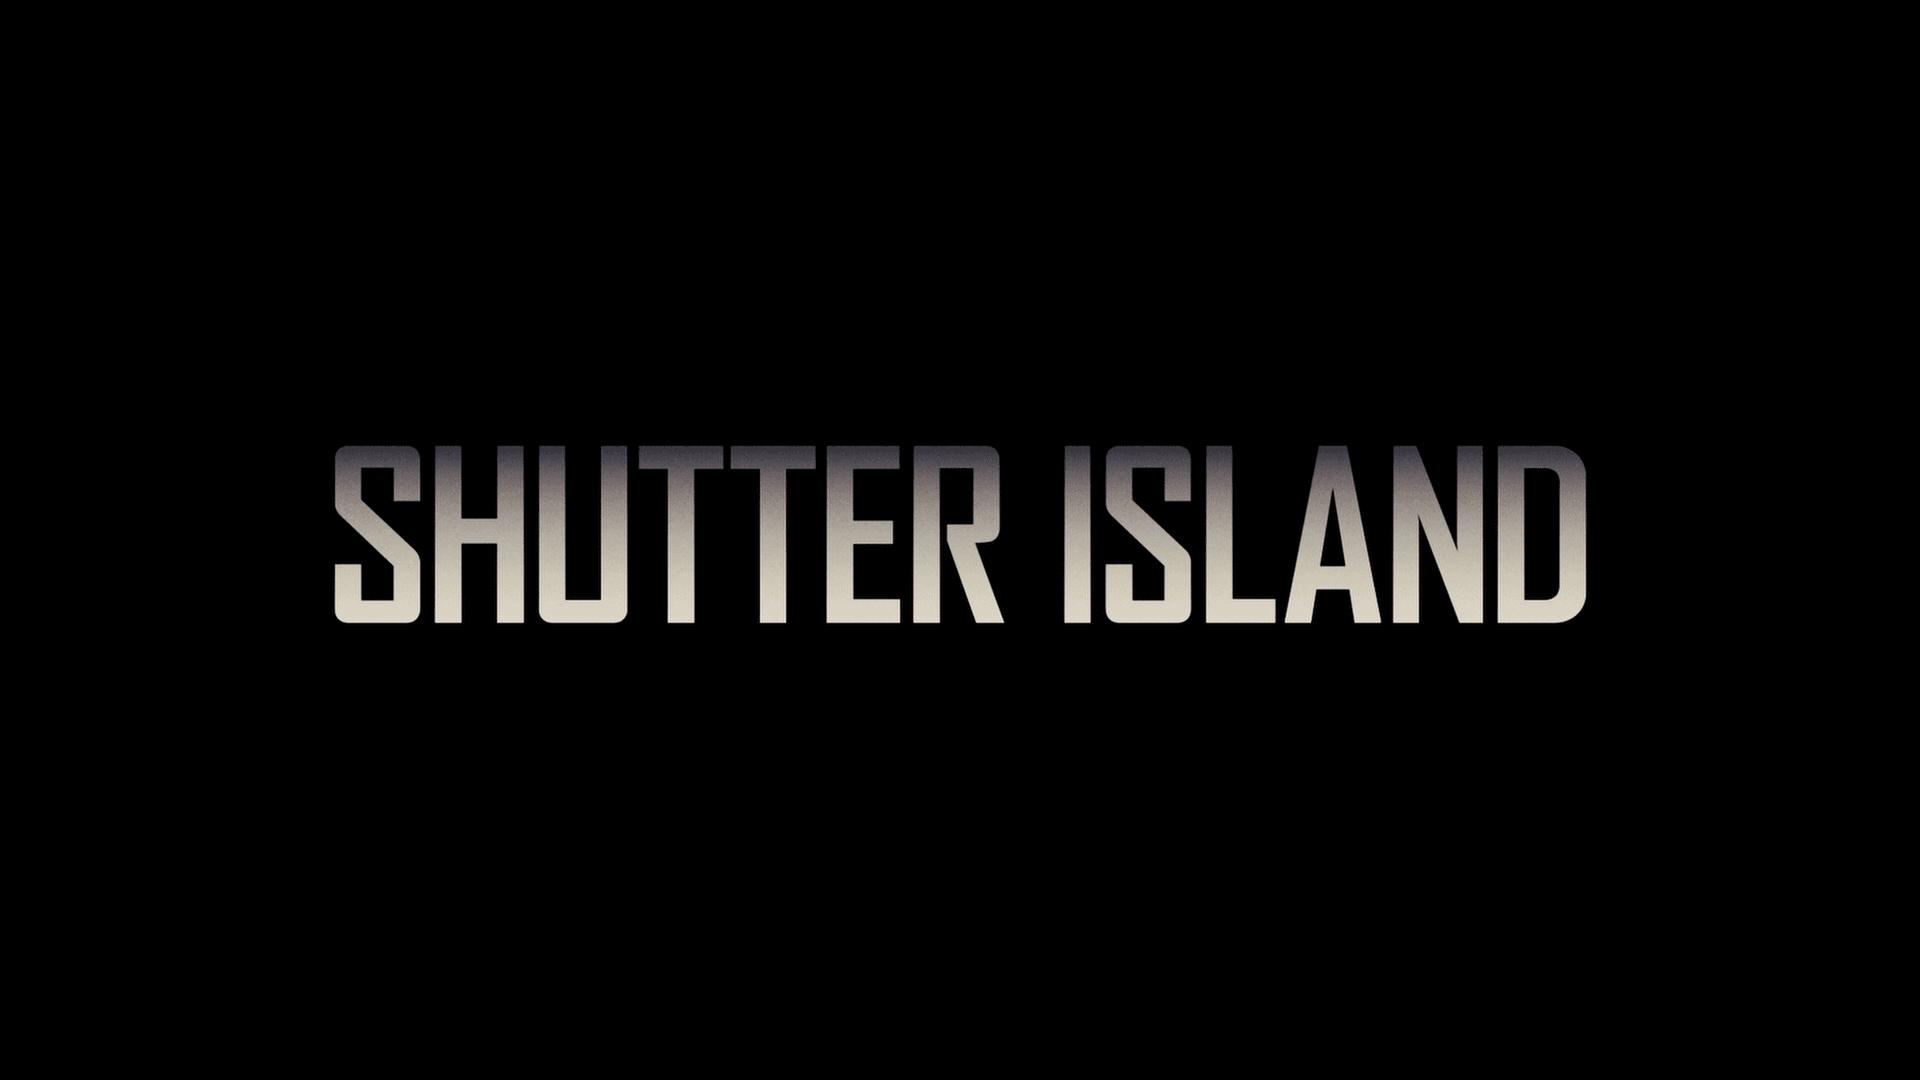 Shutter Island title